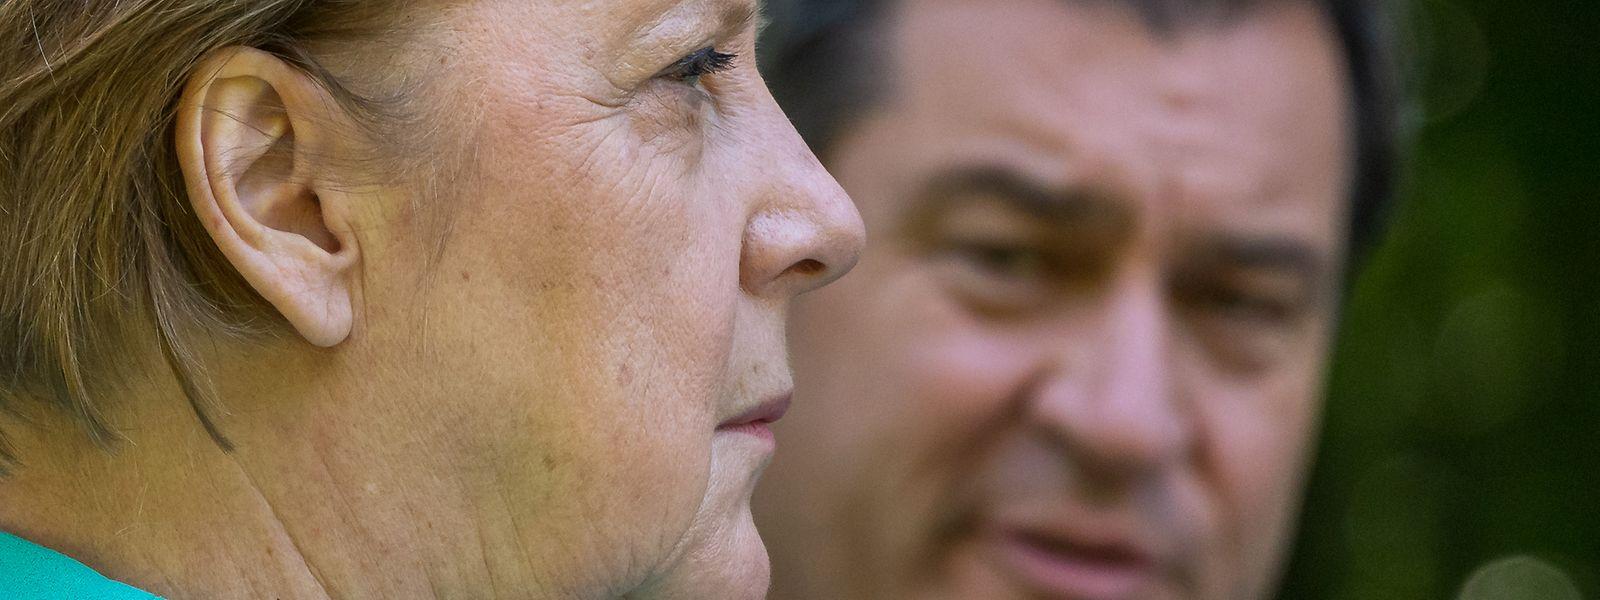 Während die drei Kandidaten für den CDU-Vorsitz sich gegenseitig bekriegen, könnte Bayerns Ministerpräsident und CSU-Parteichef Markus Söder als lachender Vierter hervorgehen und Angela Merkel im Kanzleramt beerben.